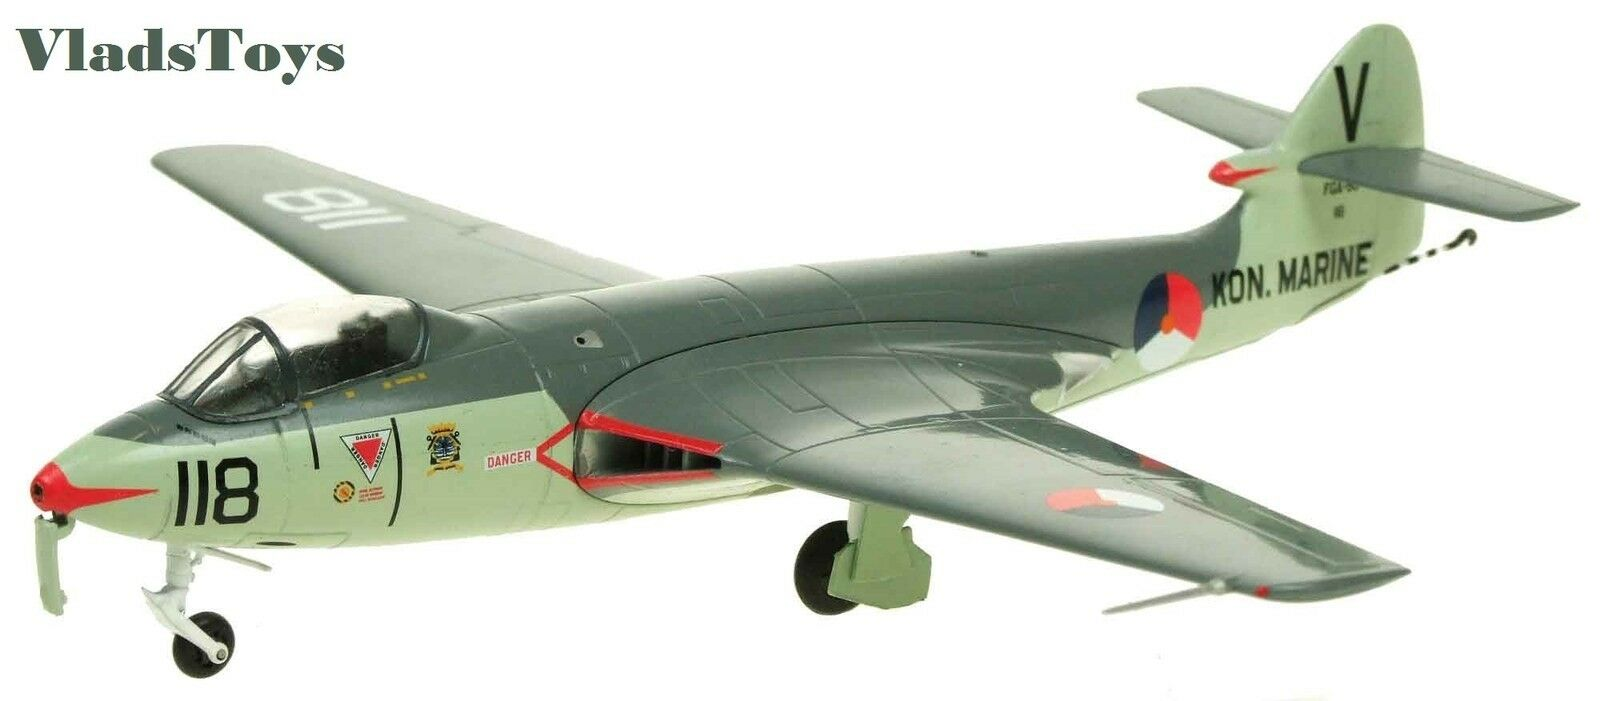 preferente Aviation72 1 1 1 72 Hawker Mar Hawk Fga.6 860 Sqn Kon. Marina 118 V Av72-23006  Felices compras